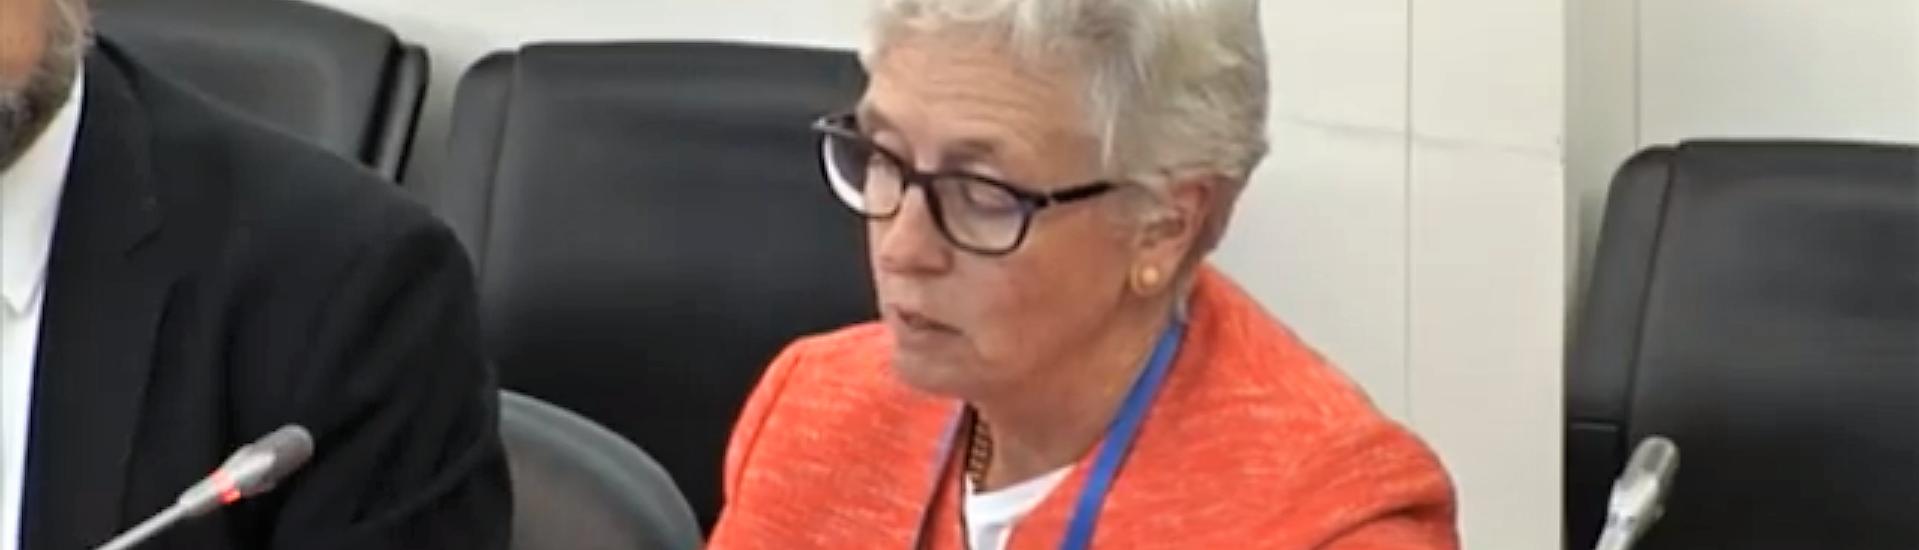 Comunicado de Imprensa – Presidente Região Europeia da Confederação  Mundial de Fisioterapia ouvida no Parlamento